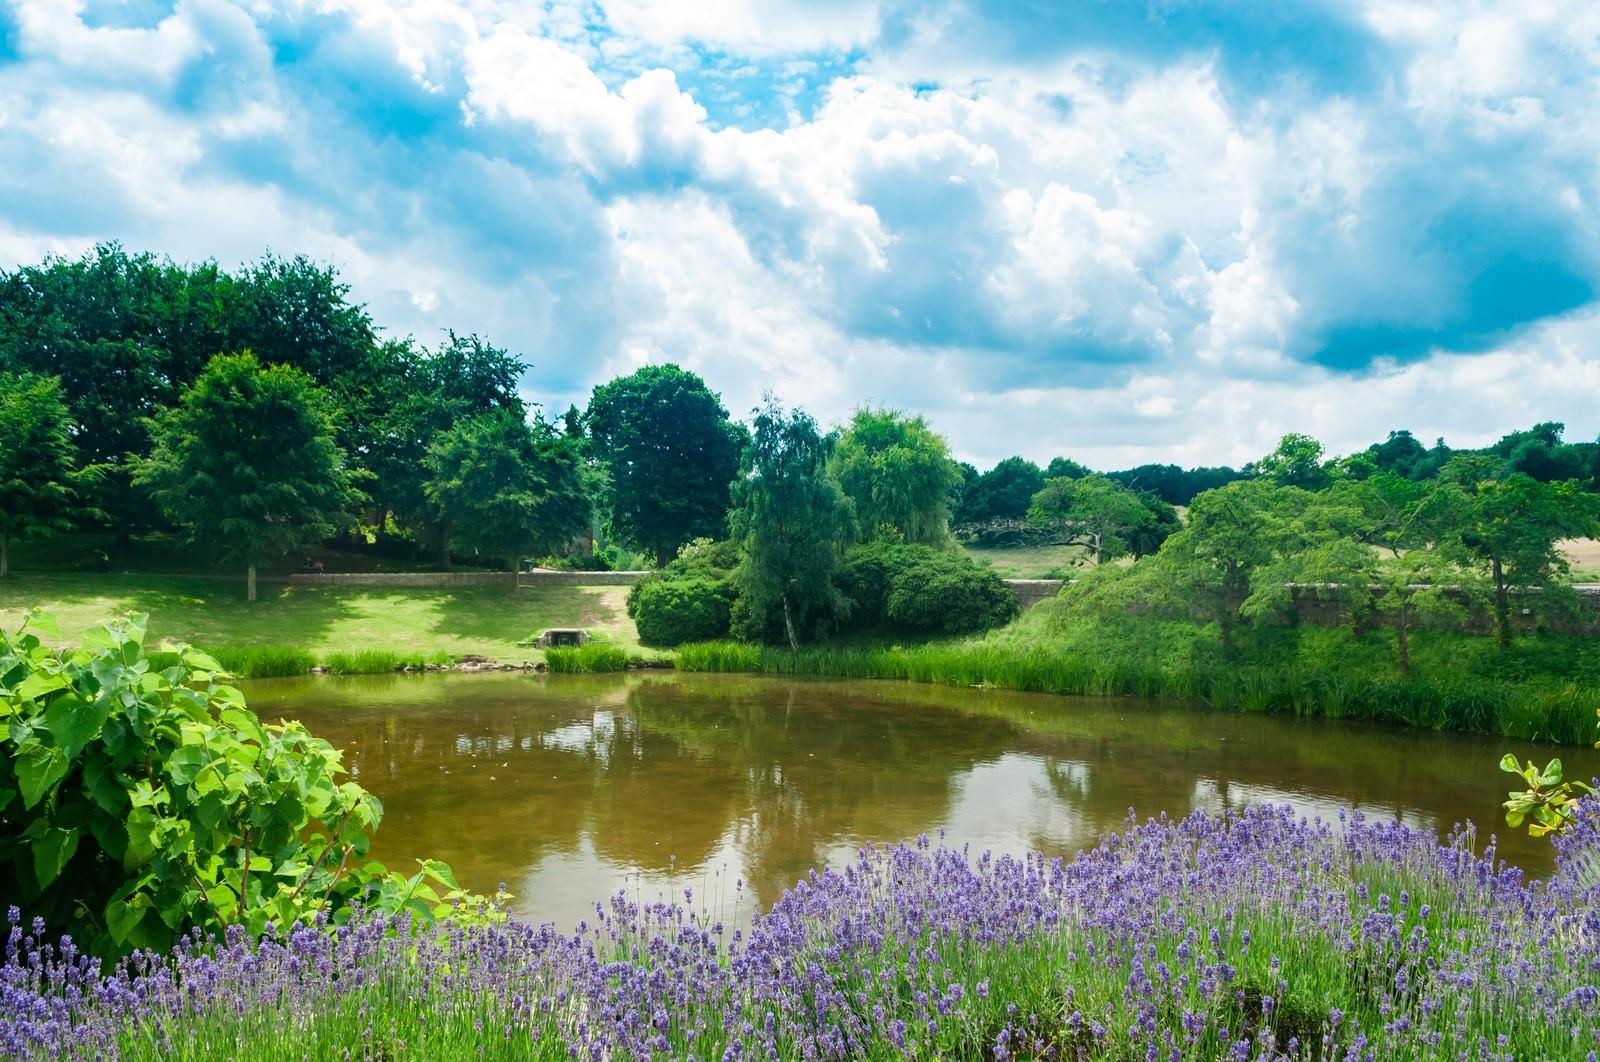 「緑あふれるのどかな公園」の写真